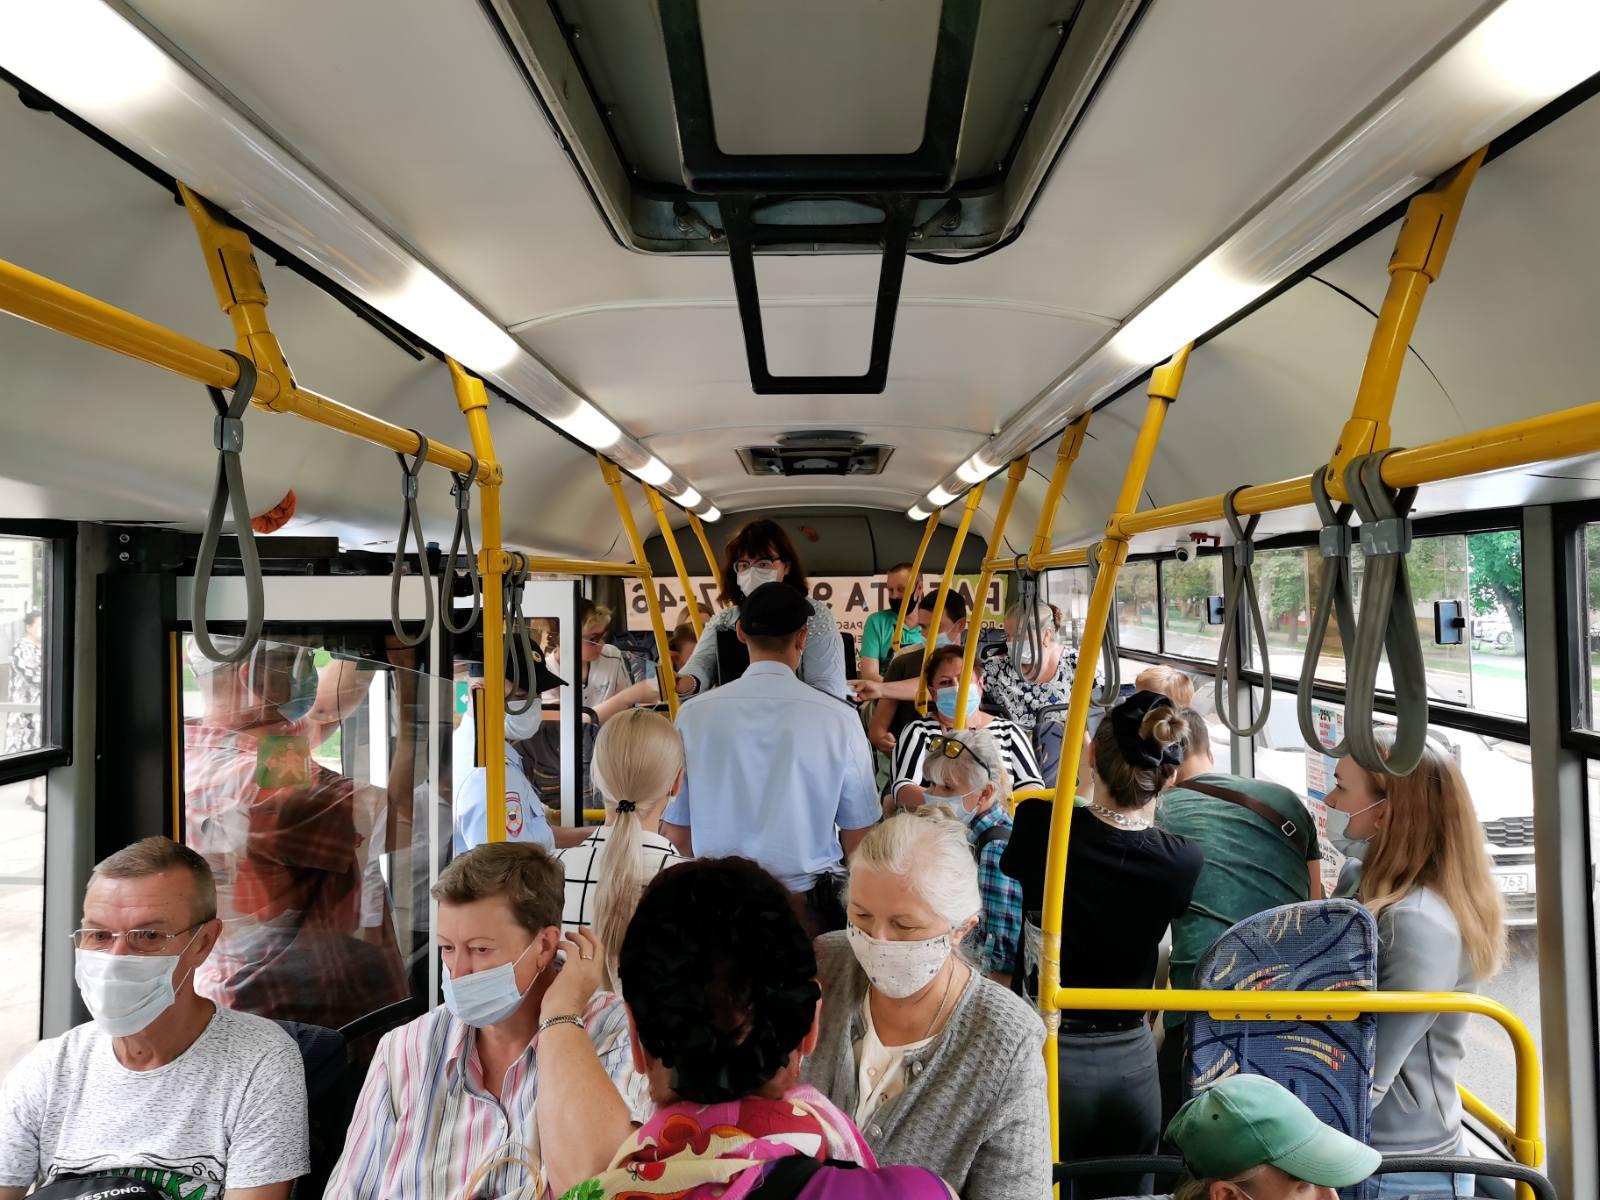 В Самаре за неделю из общественного транспорта высадили 124 пассажира без масок